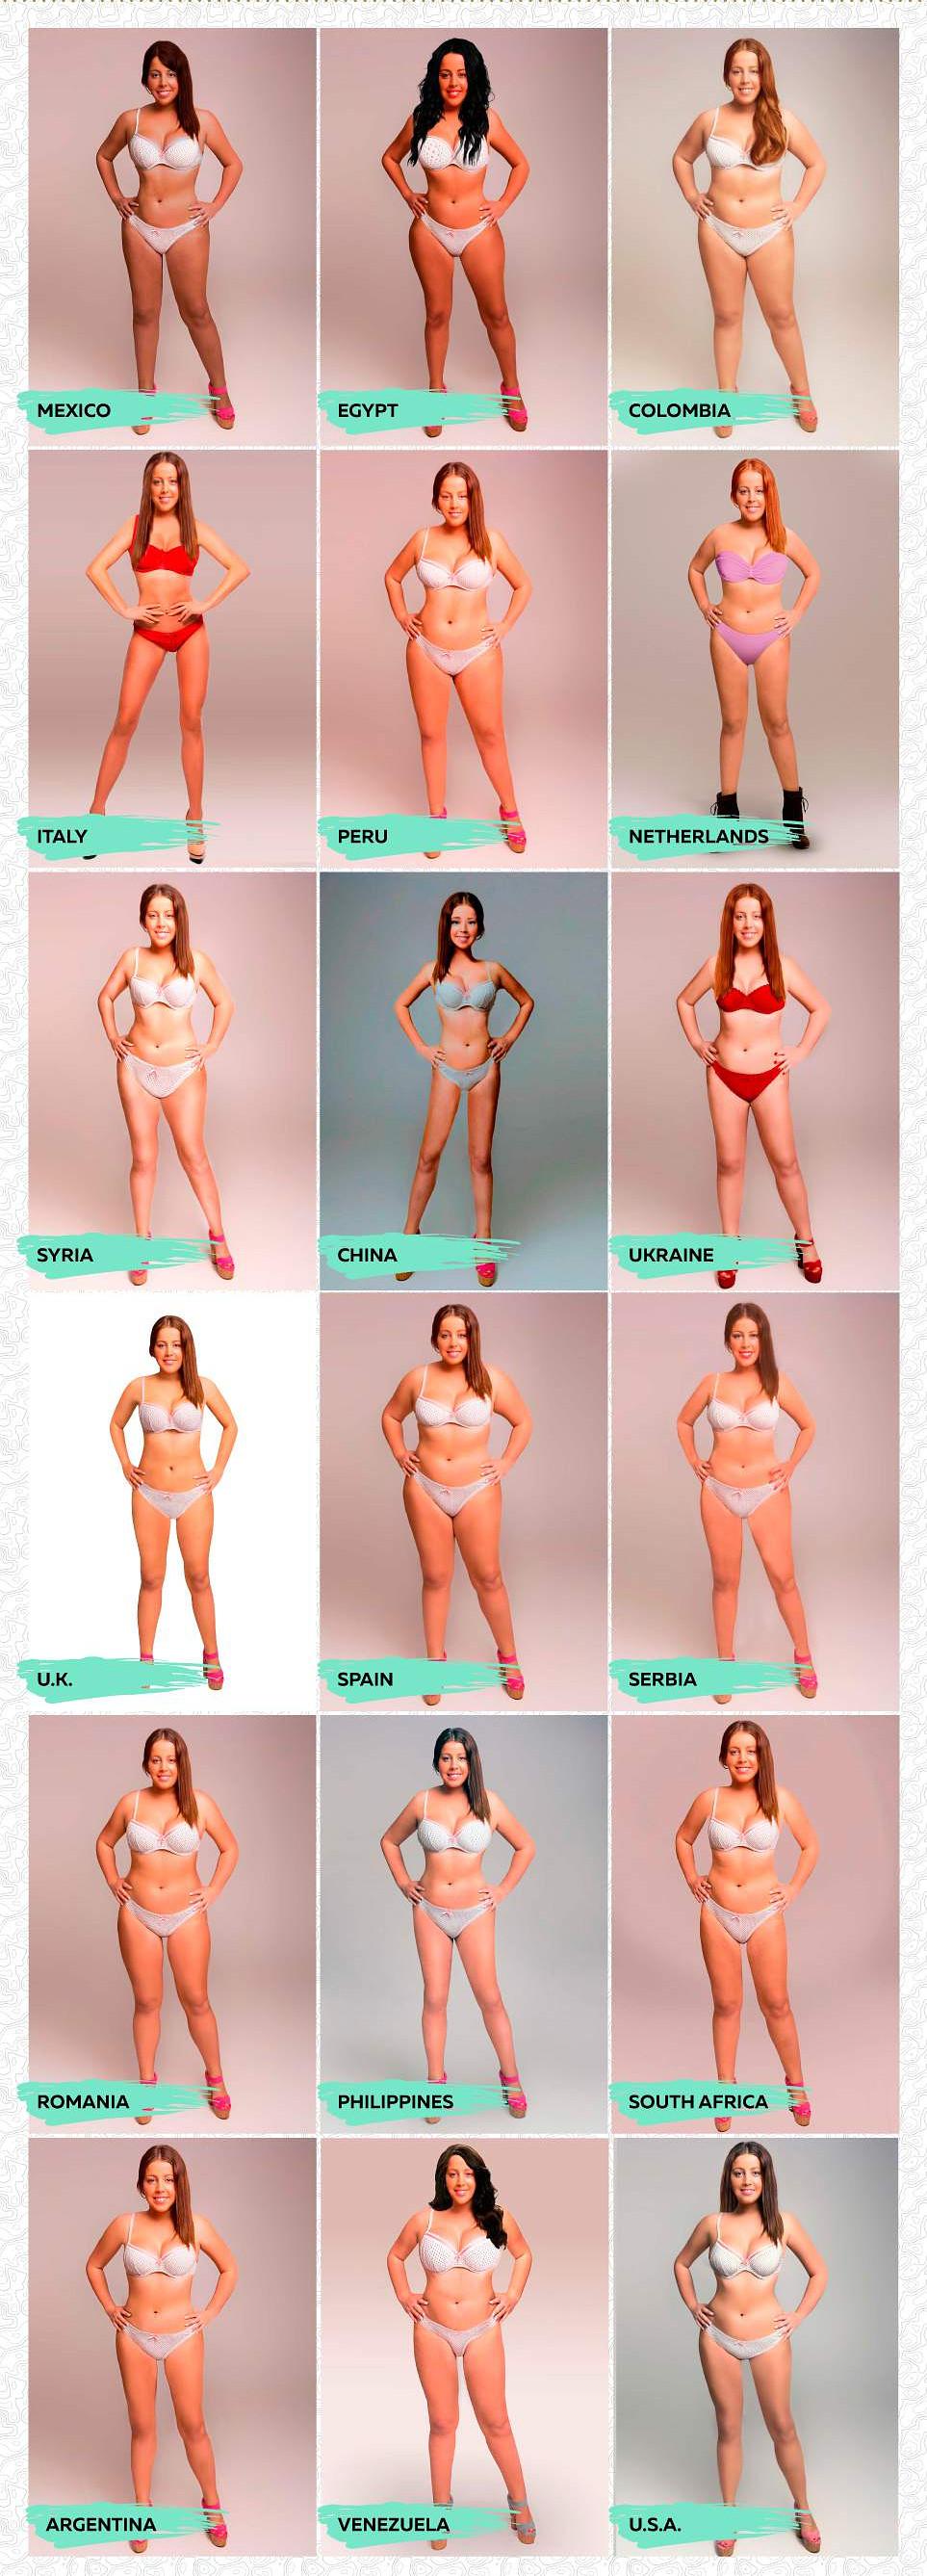 ideale-bellezza-perfetta-donna-mondo-modella-photoshop-infografica